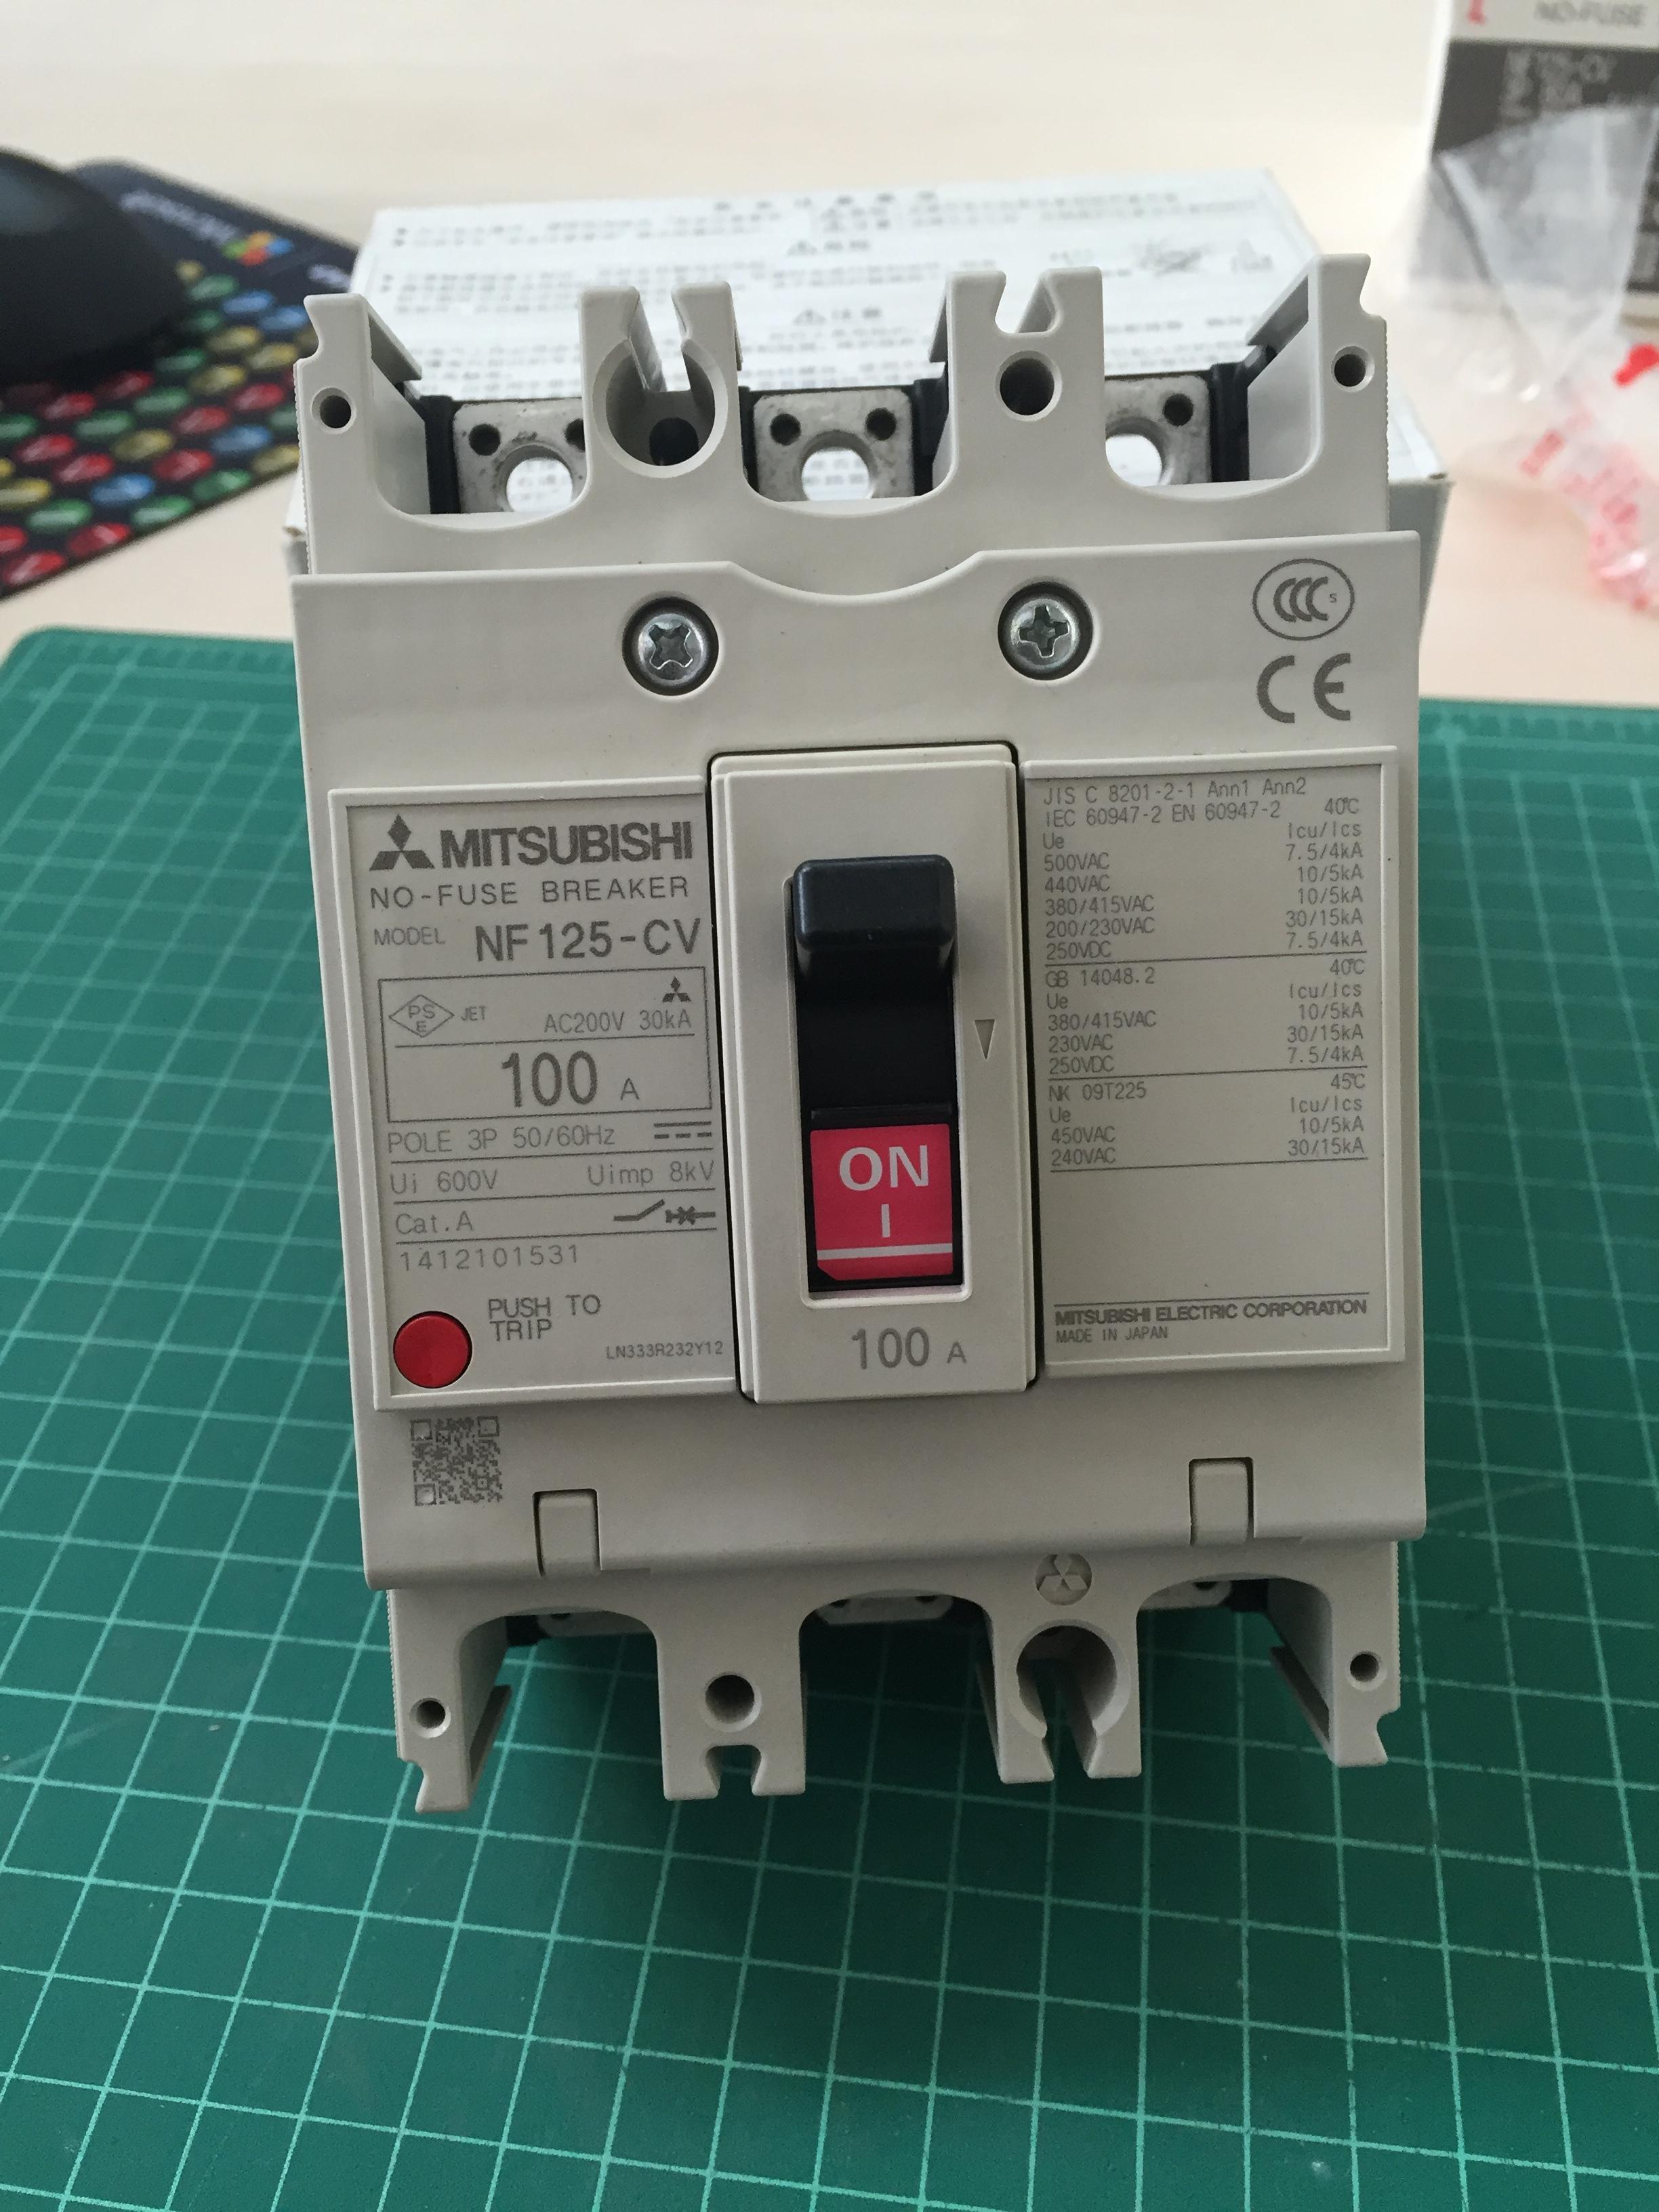 เบรกเกอร์ 3P-125CV-100A (10kA)